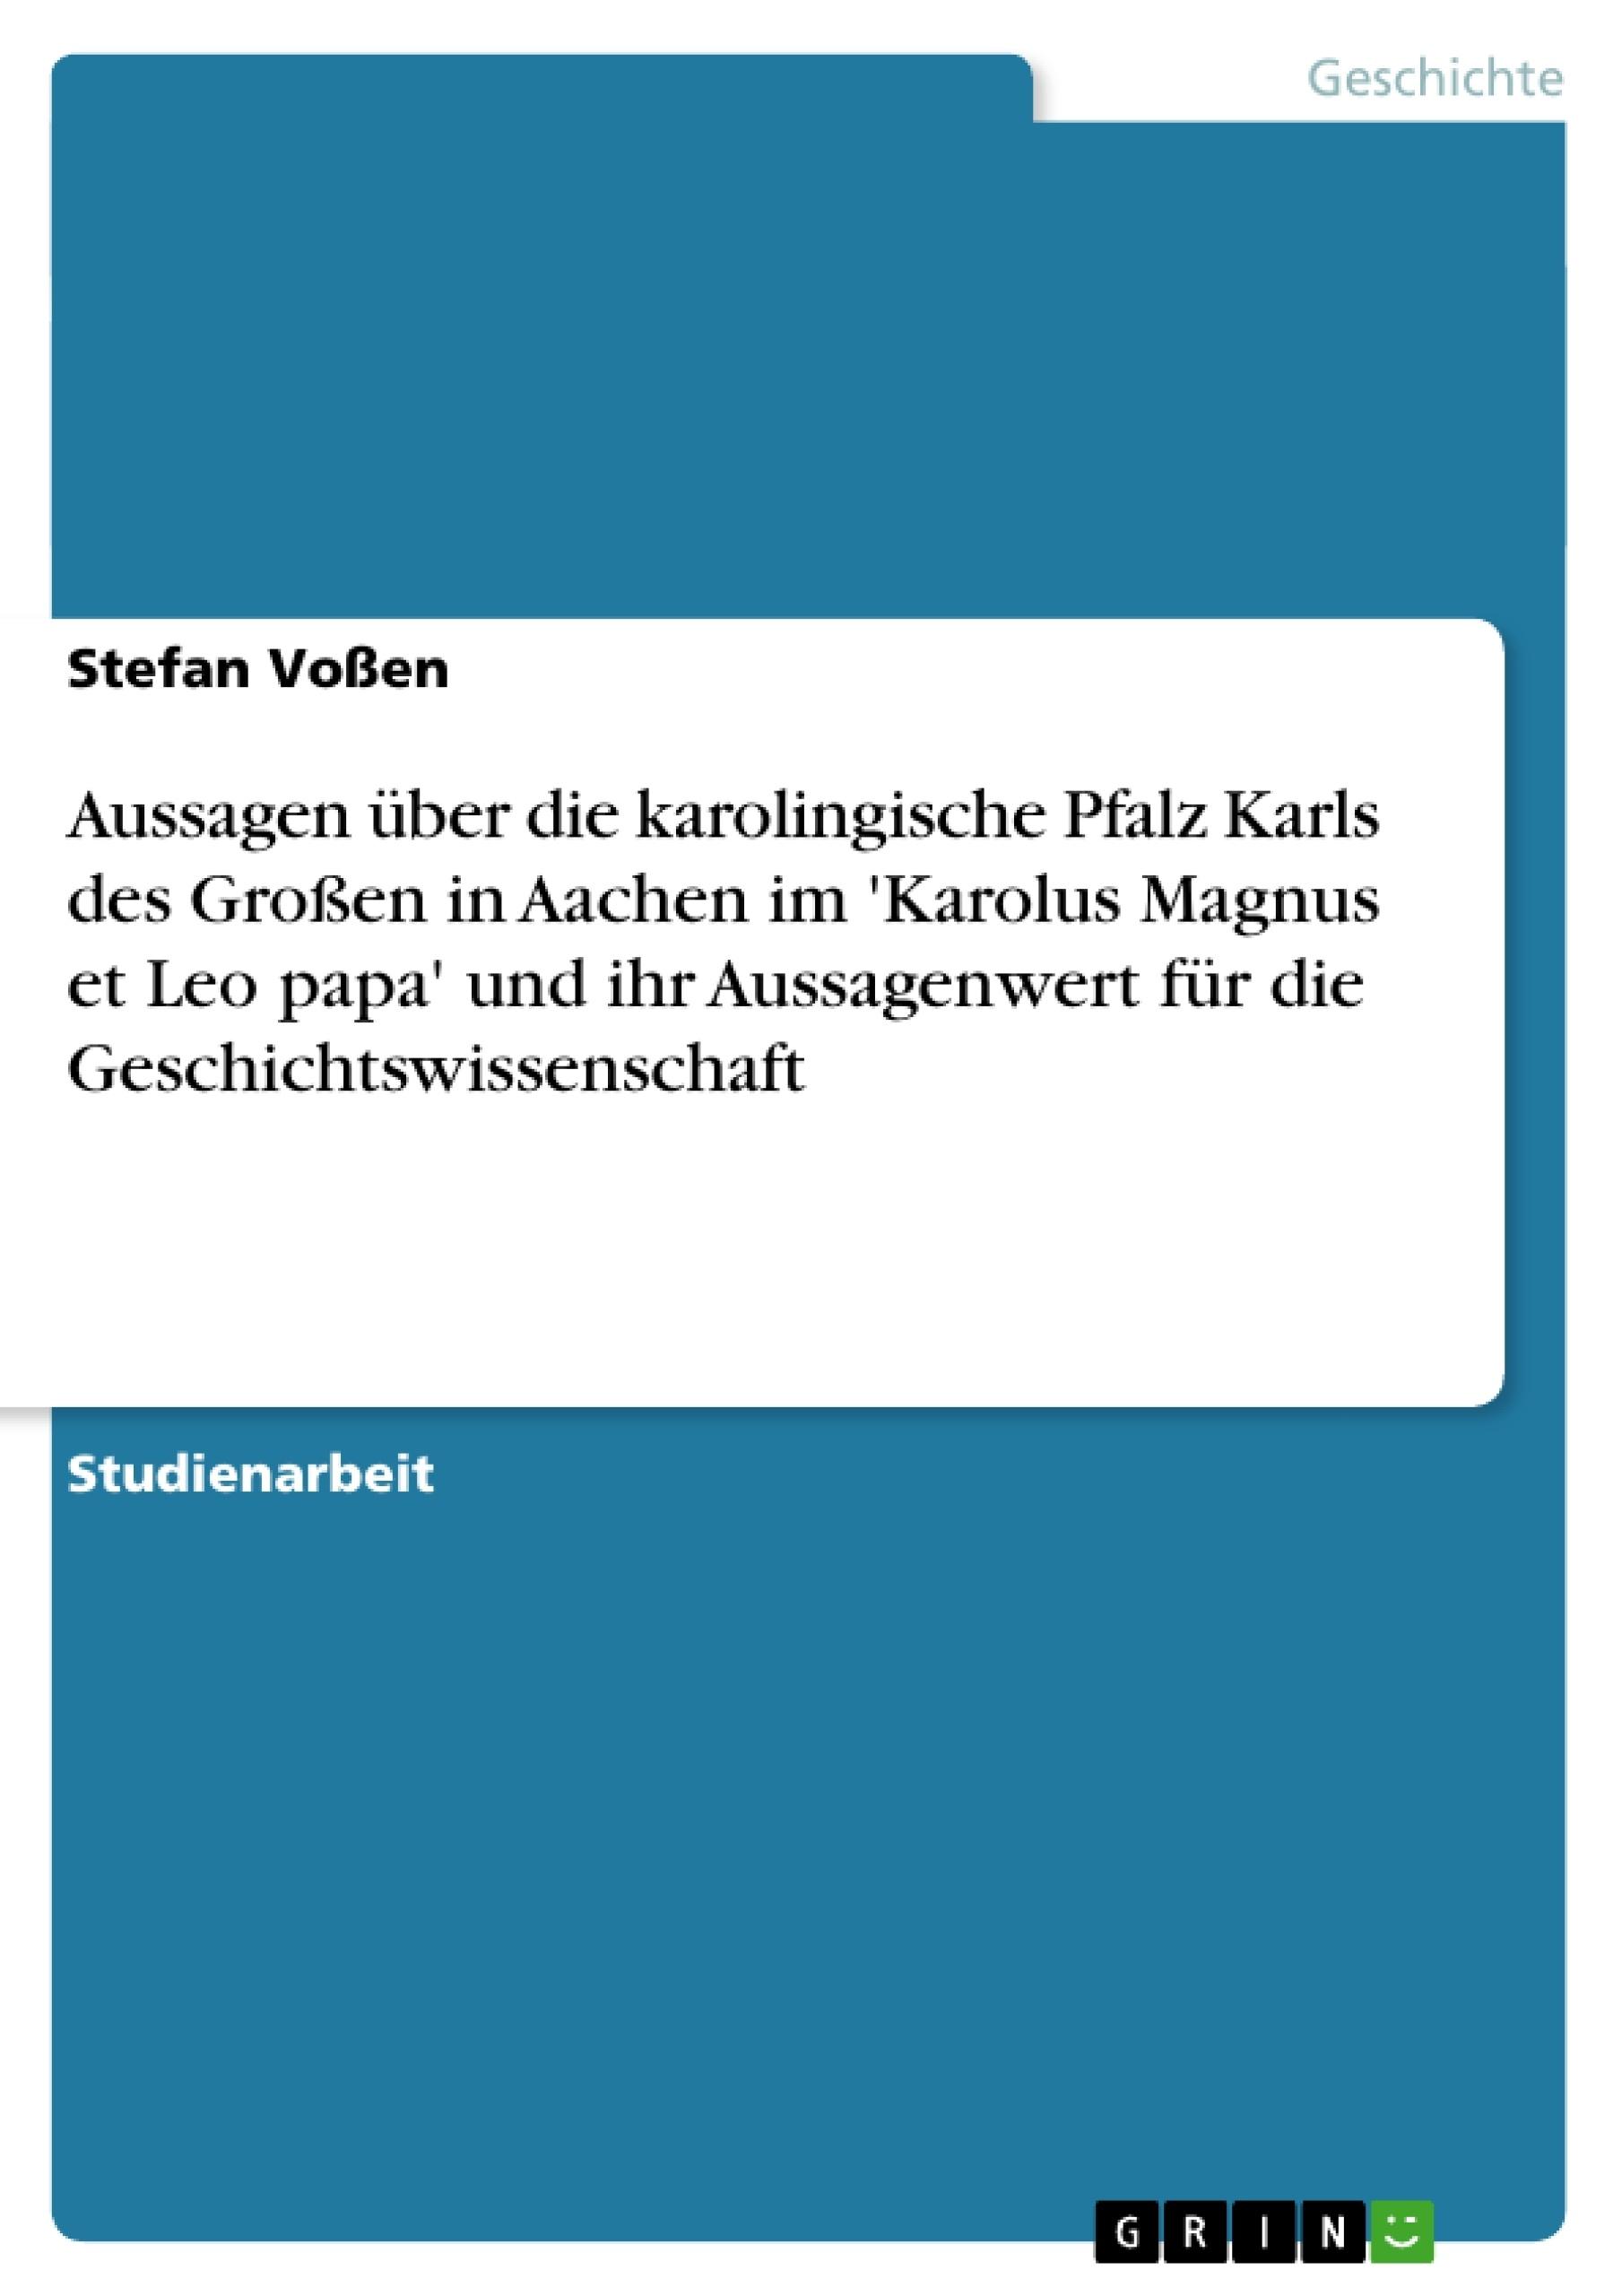 Titel: Aussagen über die karolingische Pfalz Karls des Großen in Aachen im 'Karolus Magnus et Leo papa' und ihr Aussagenwert für die Geschichtswissenschaft